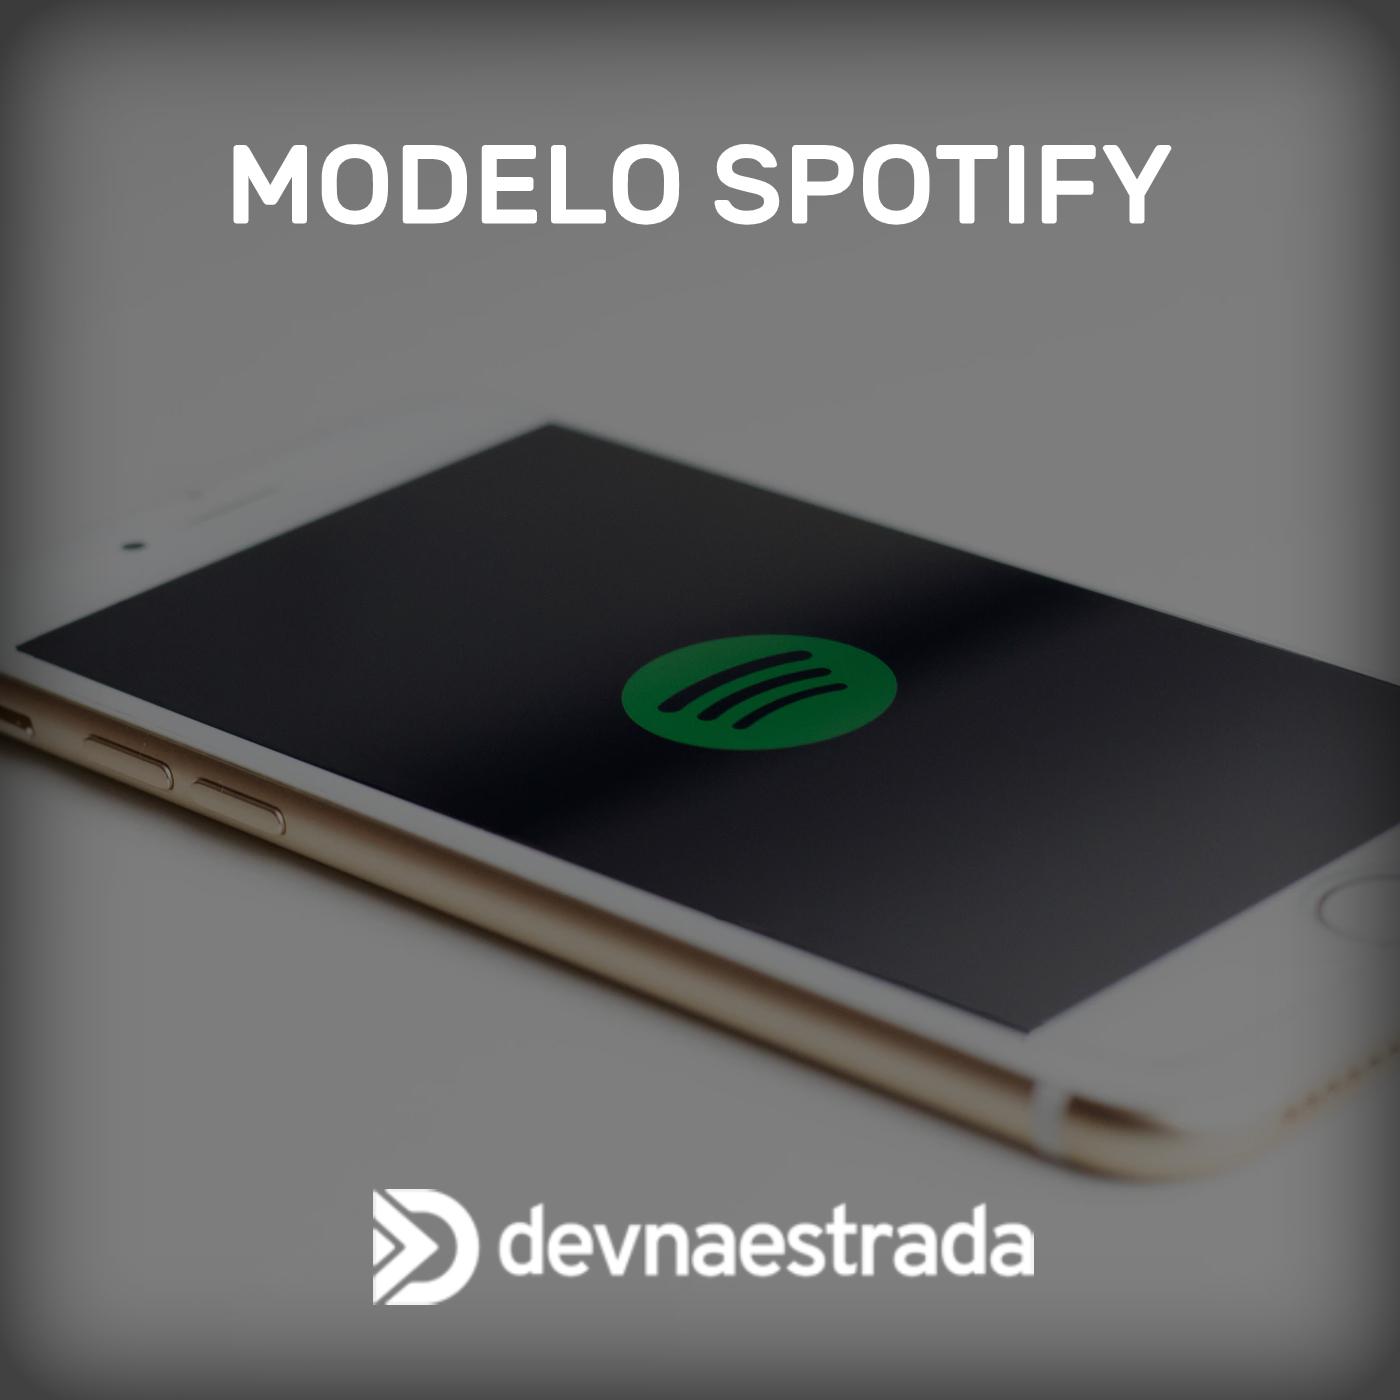 Modelo Spotify